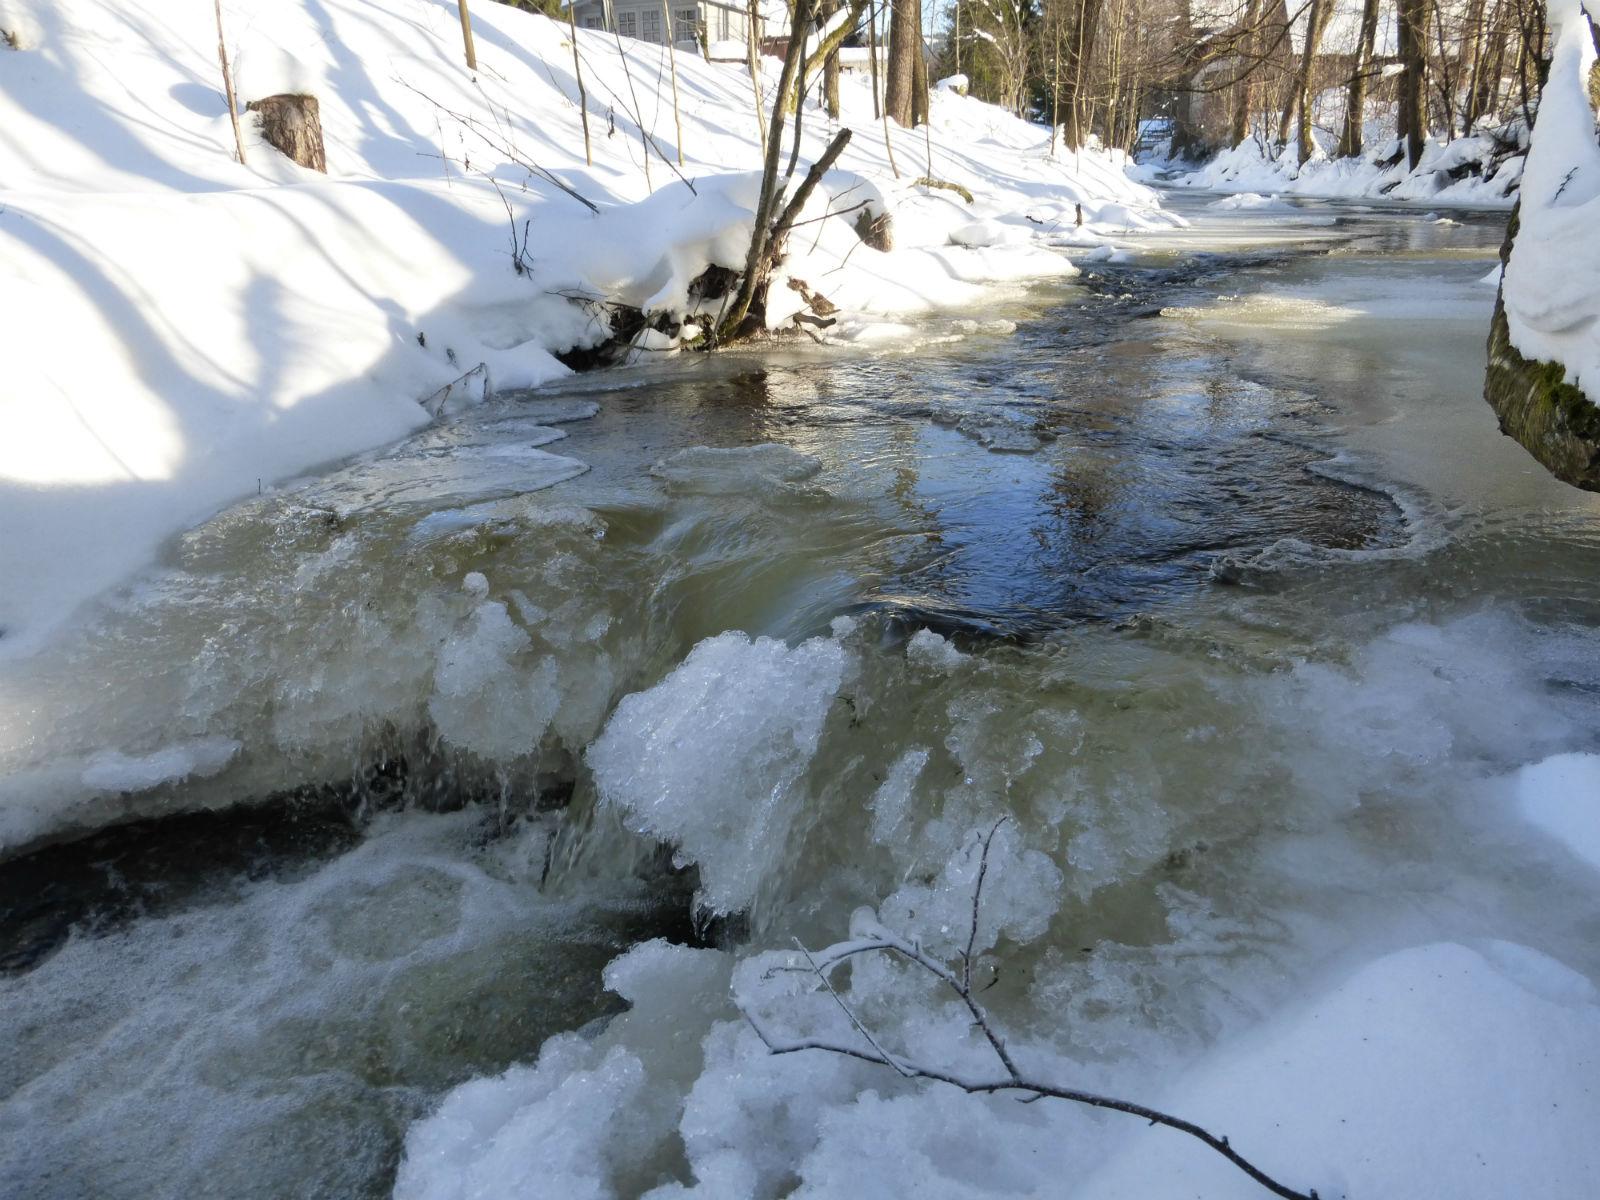 Fichtelgebirge-Bach-Eis-Winter-Winterlandschaft